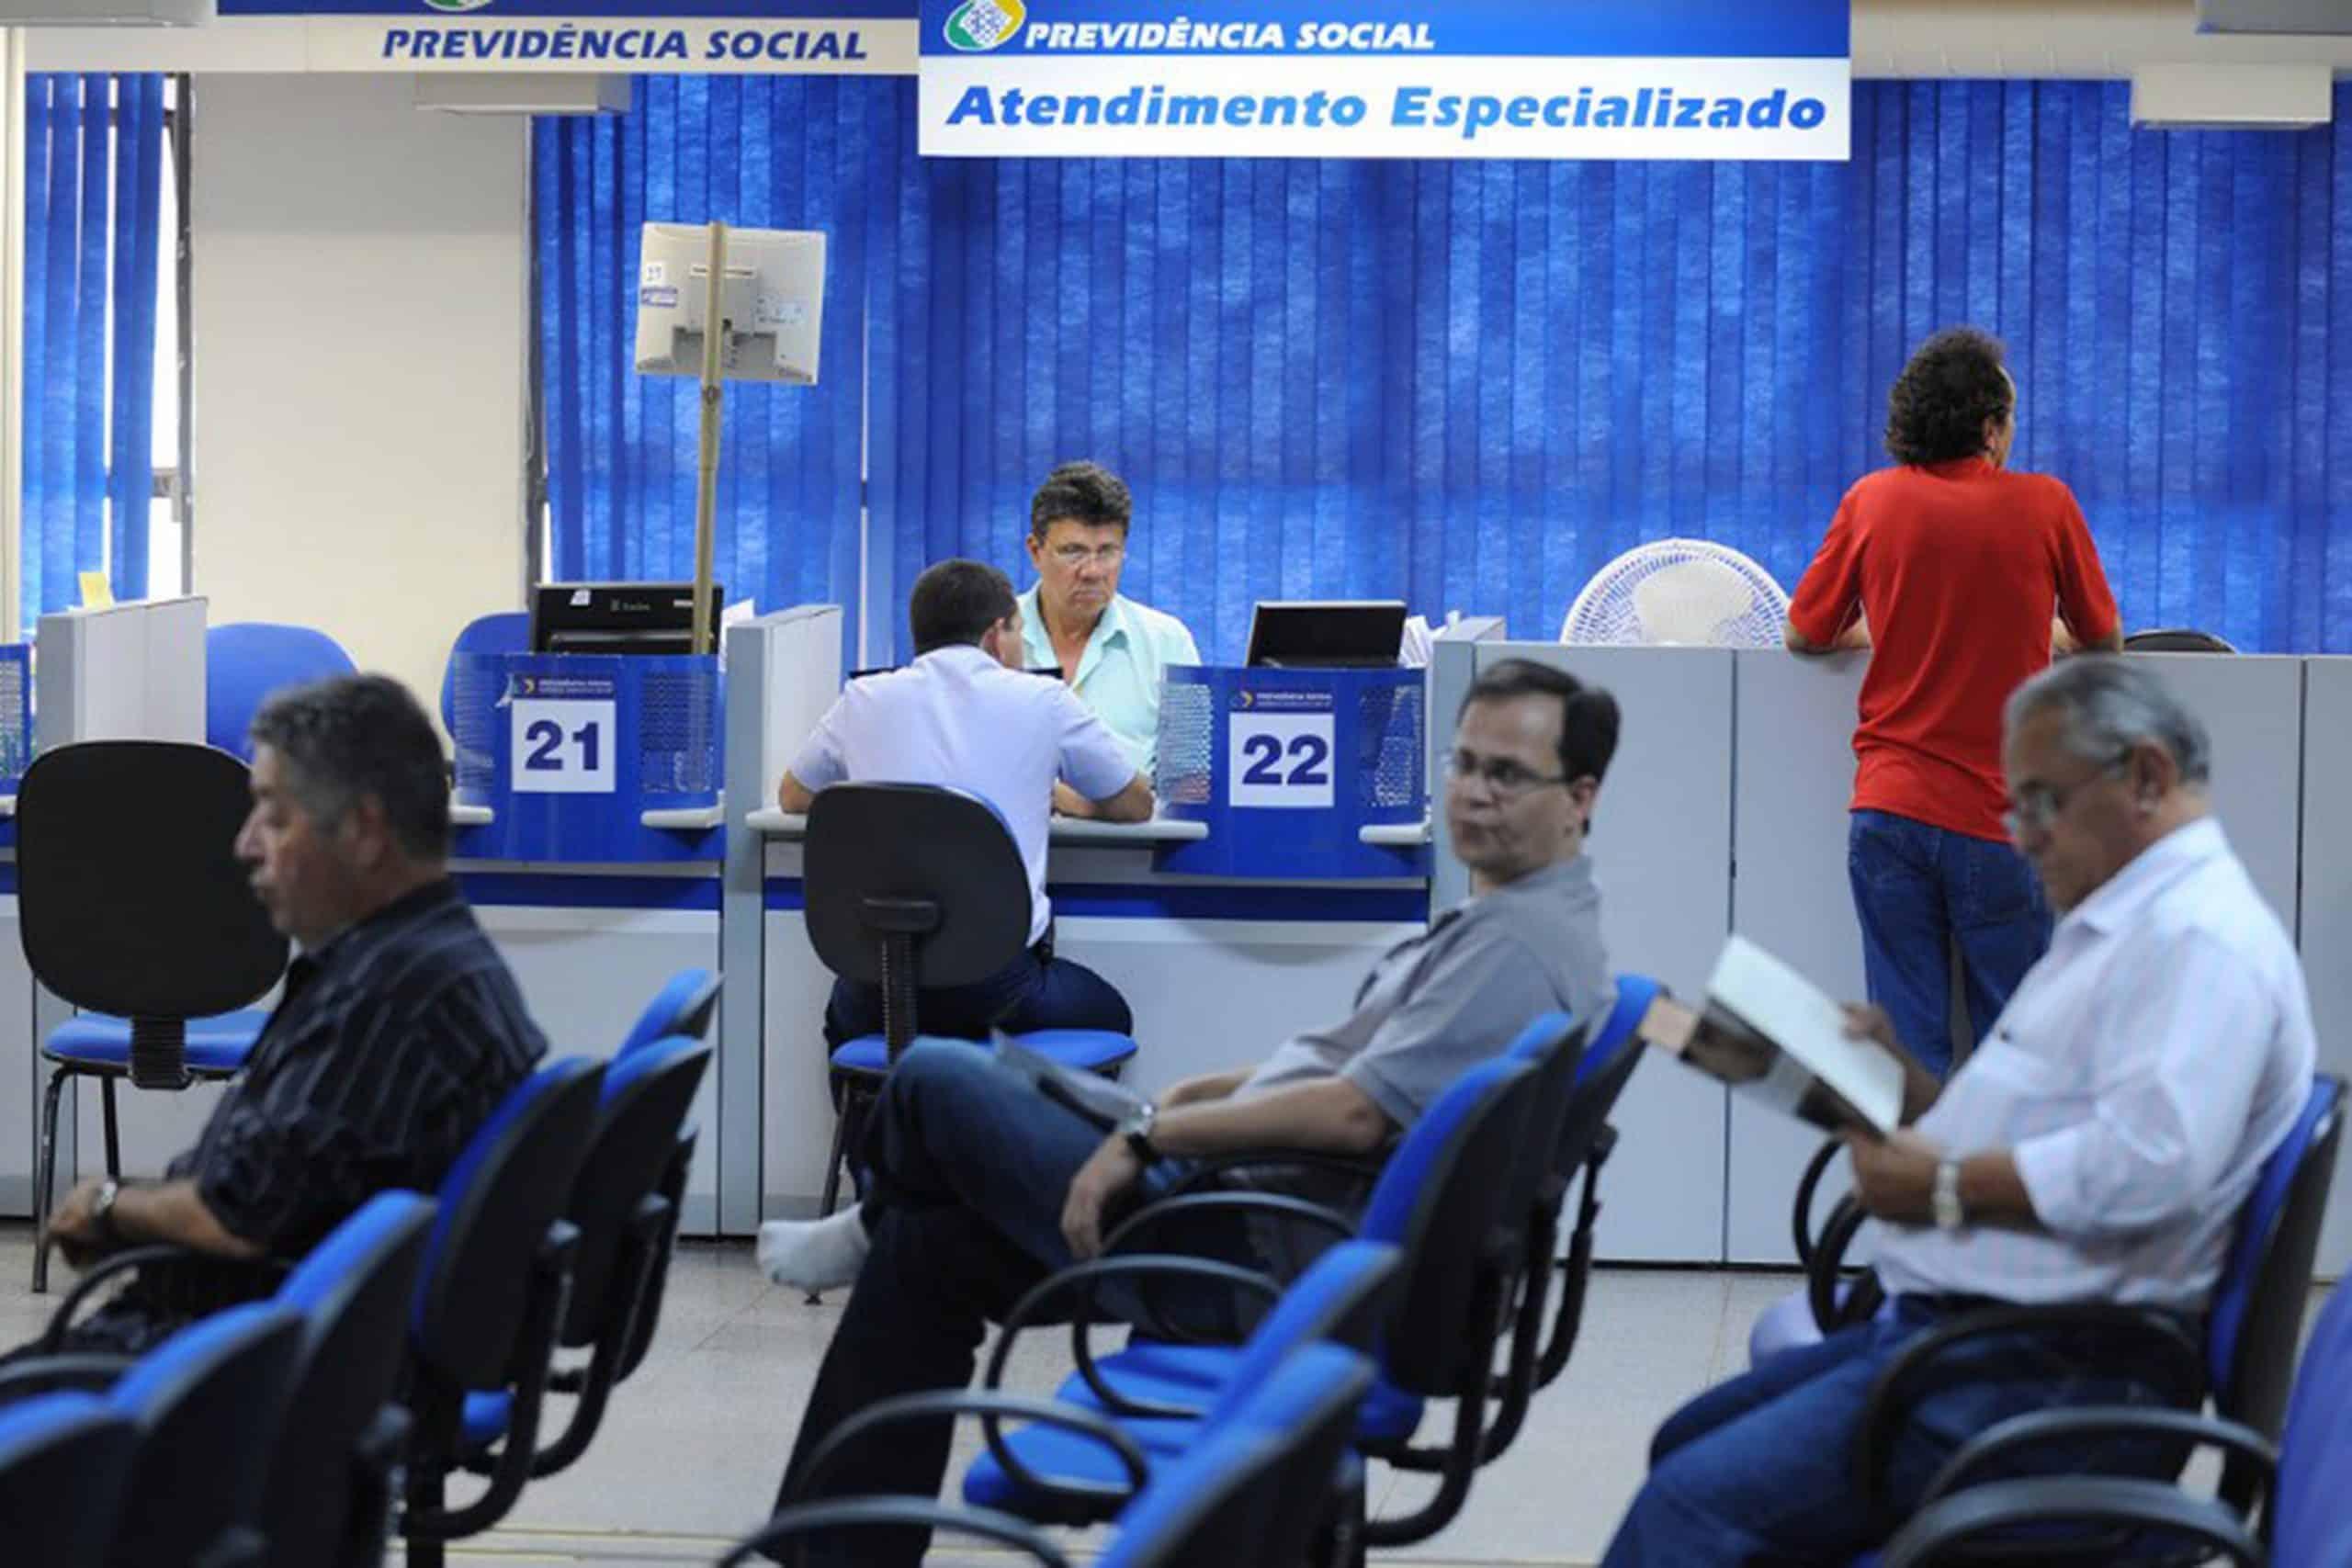 INSS planeja mutirão de análises para liberar benefícios aos idosos e deficientes